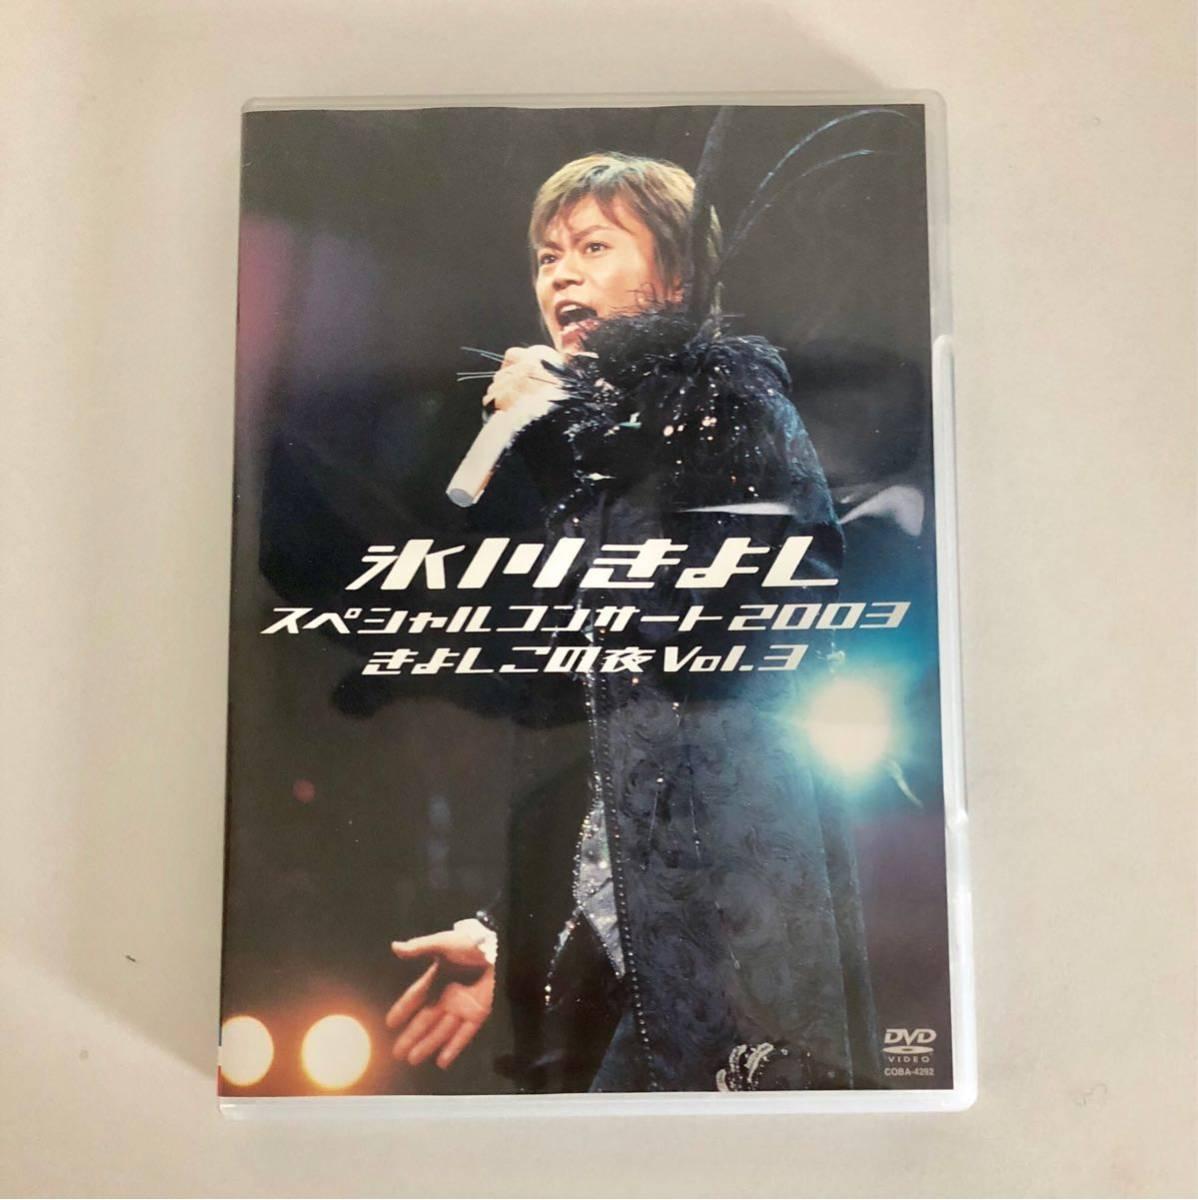 氷川きよし☆きよしこの夜 Vol.3 スペシャルコンサート2003 DVD